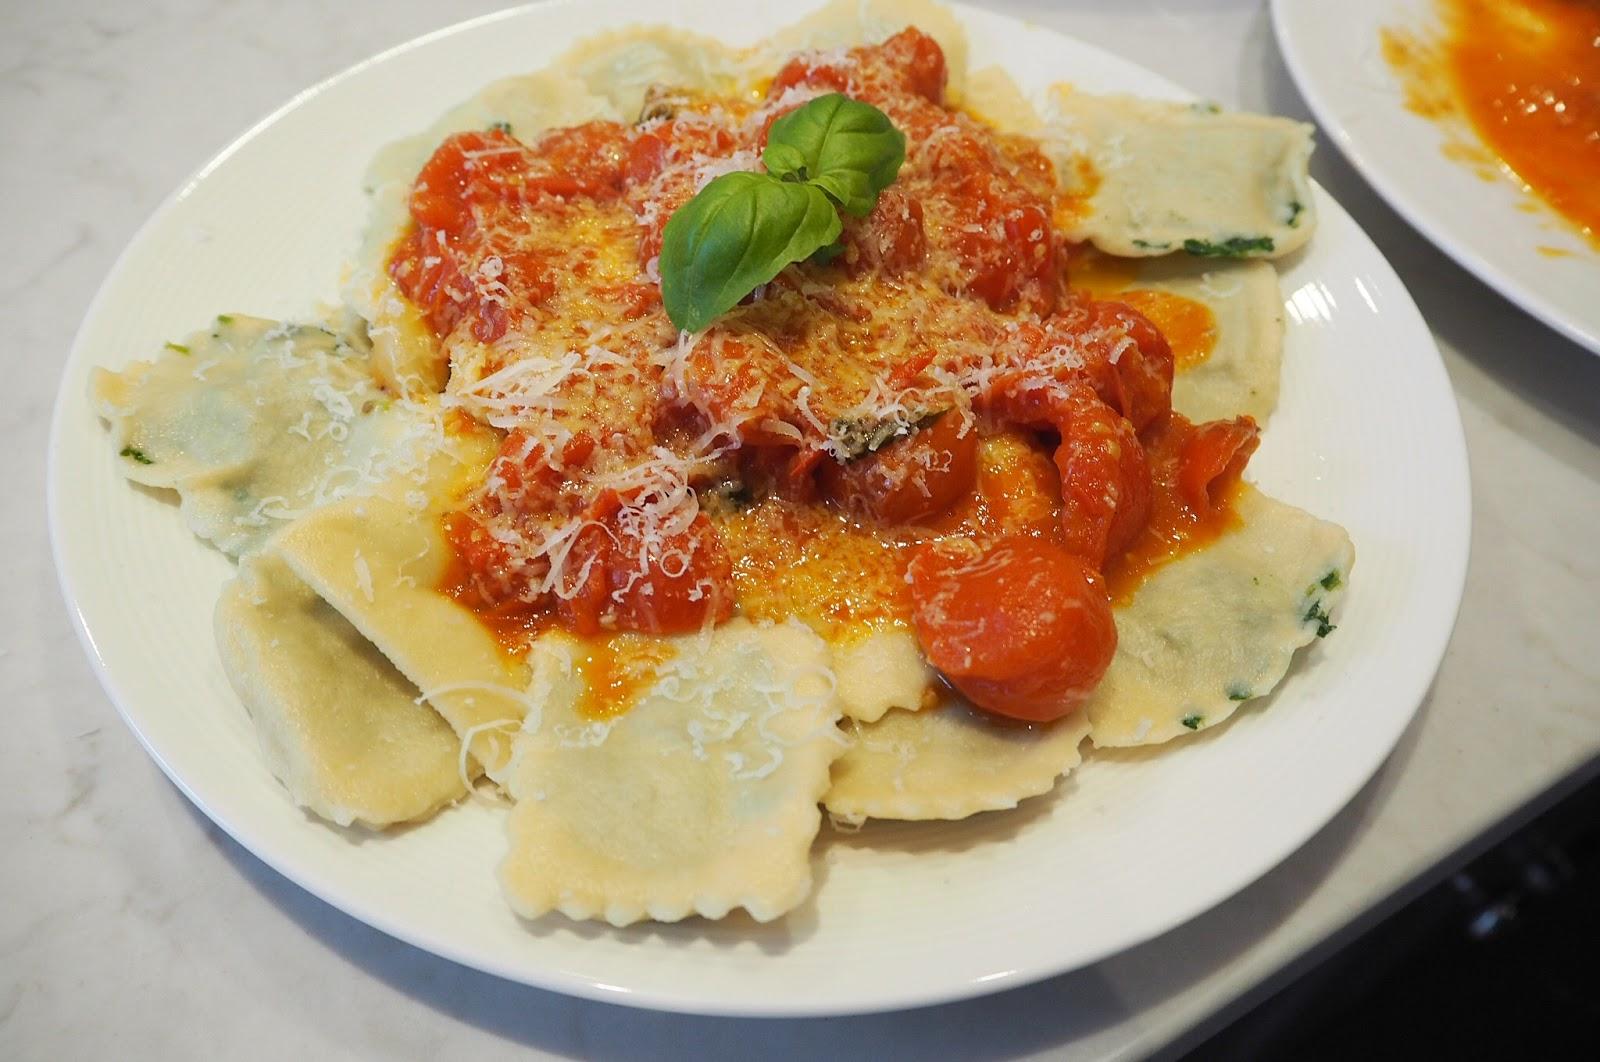 Voila tomoto topped ravioli dinner